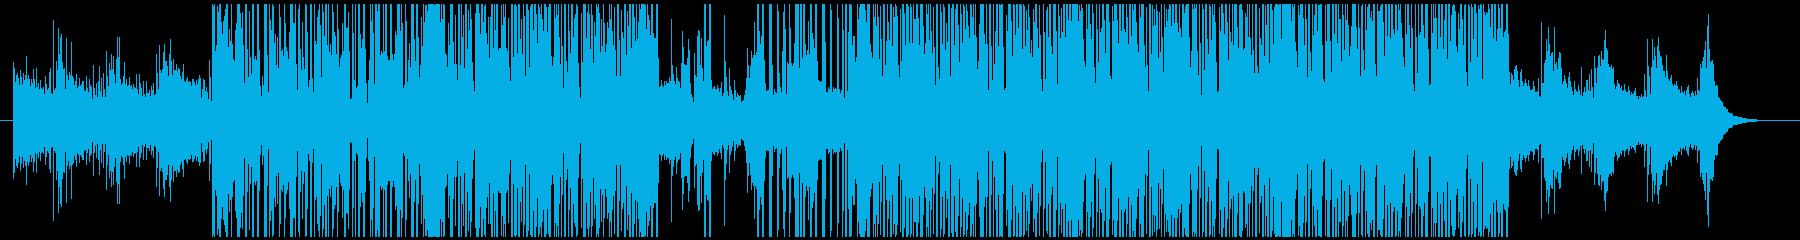 ファンク 怠け者 魅惑 スタイリッ...の再生済みの波形